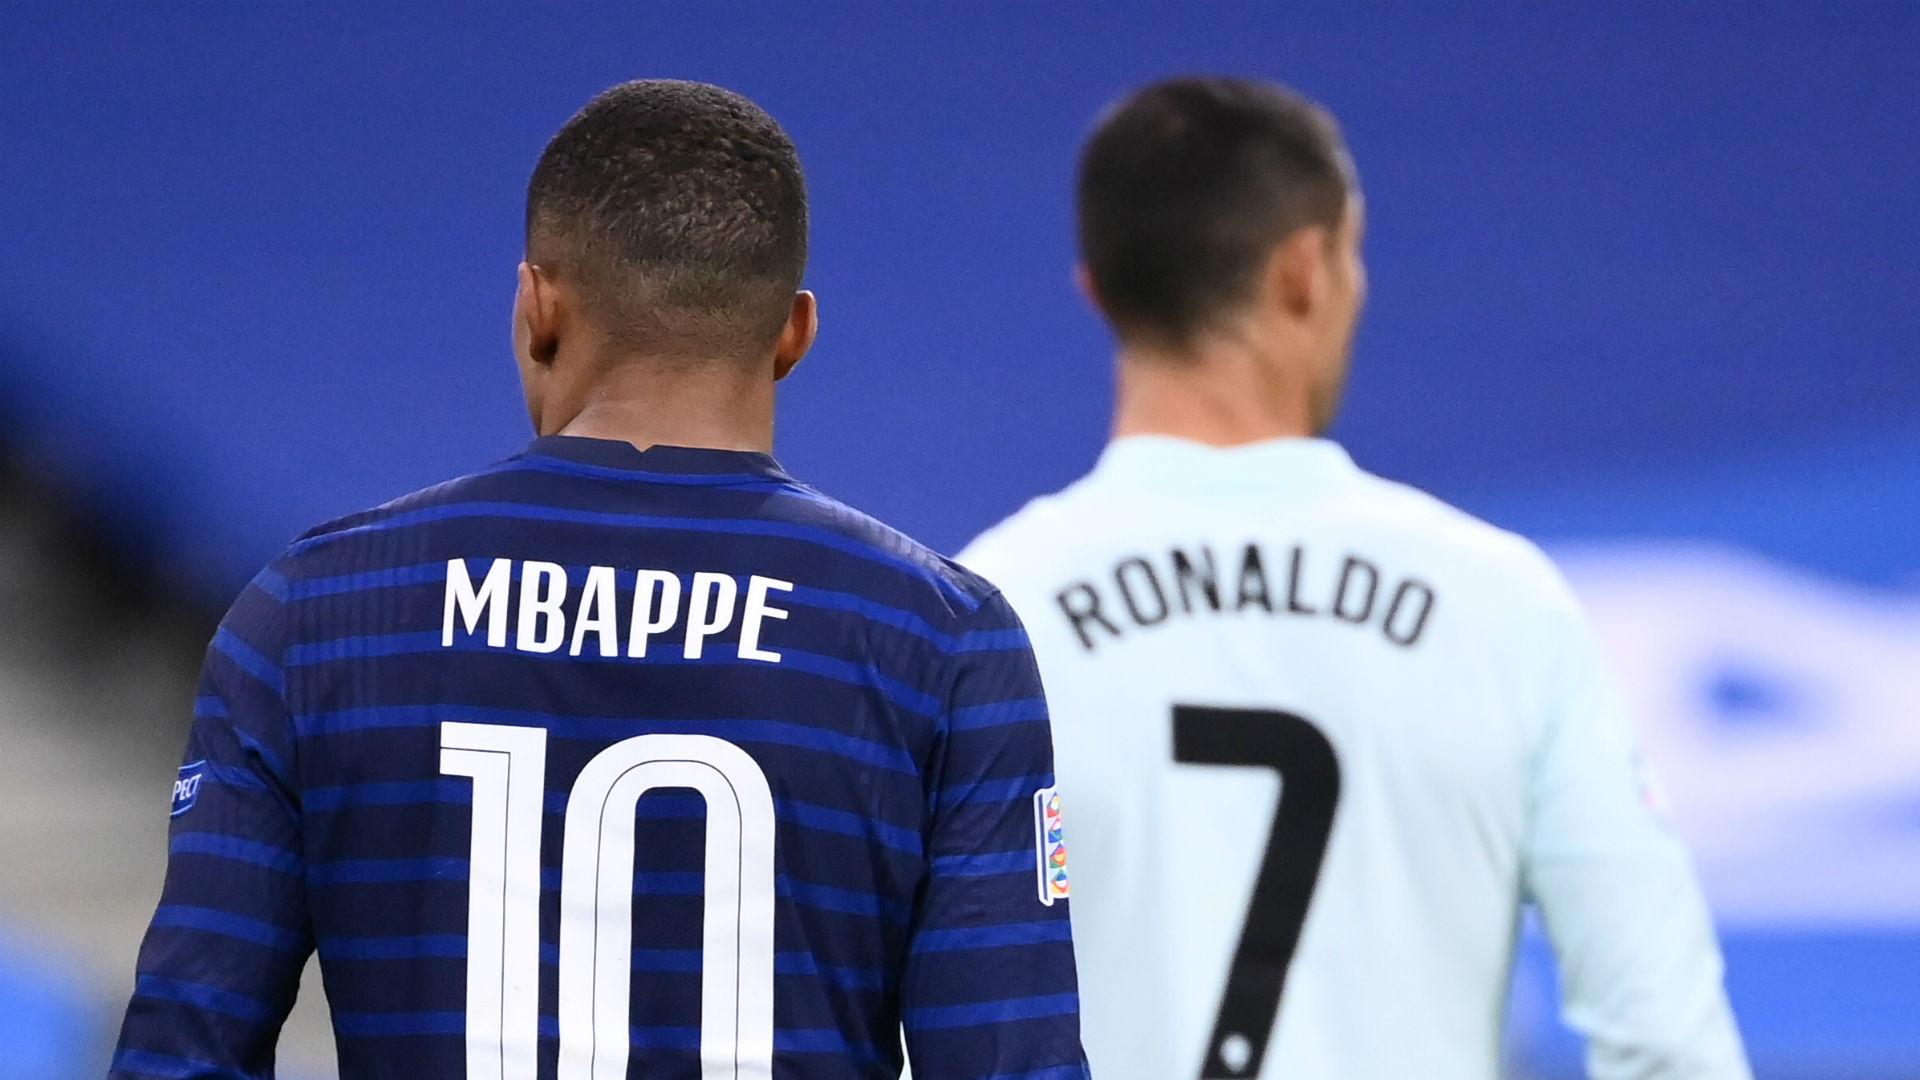 France 0-0 Portugal: No Euro 2016 revenge for Les Bleus